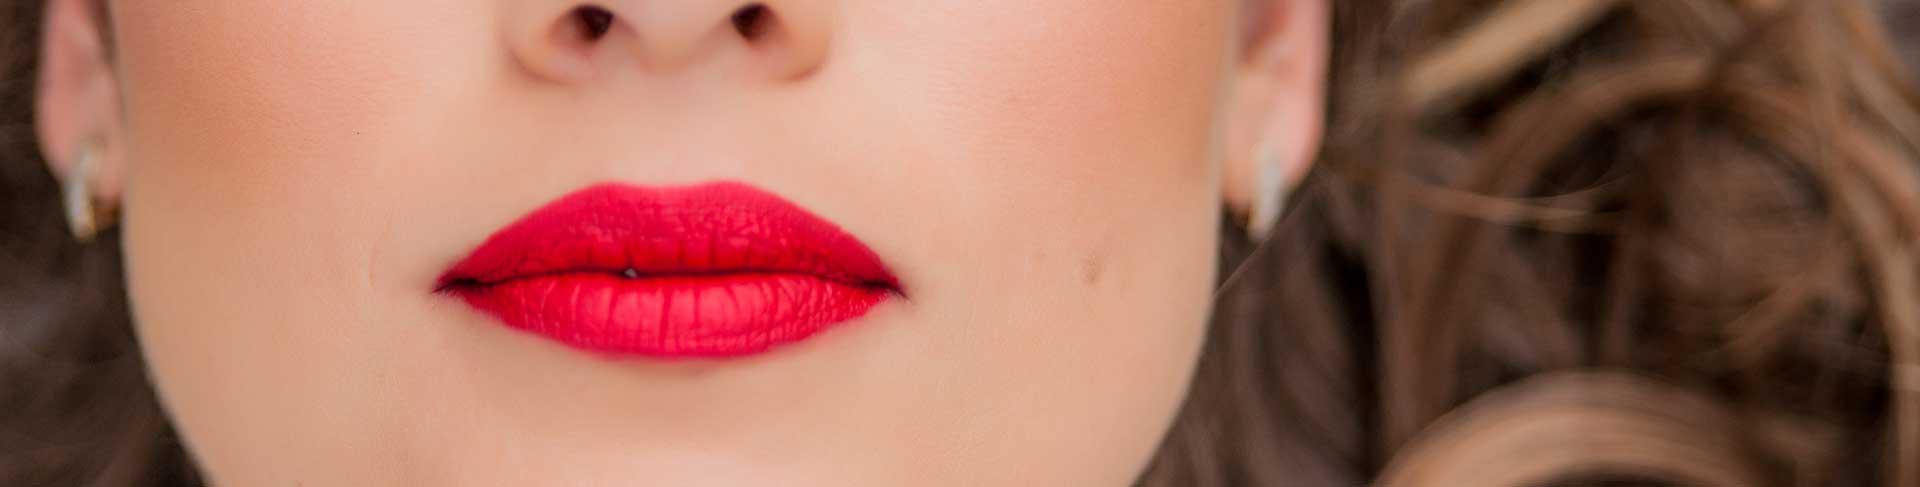 Lippenkurs rund um den Mund